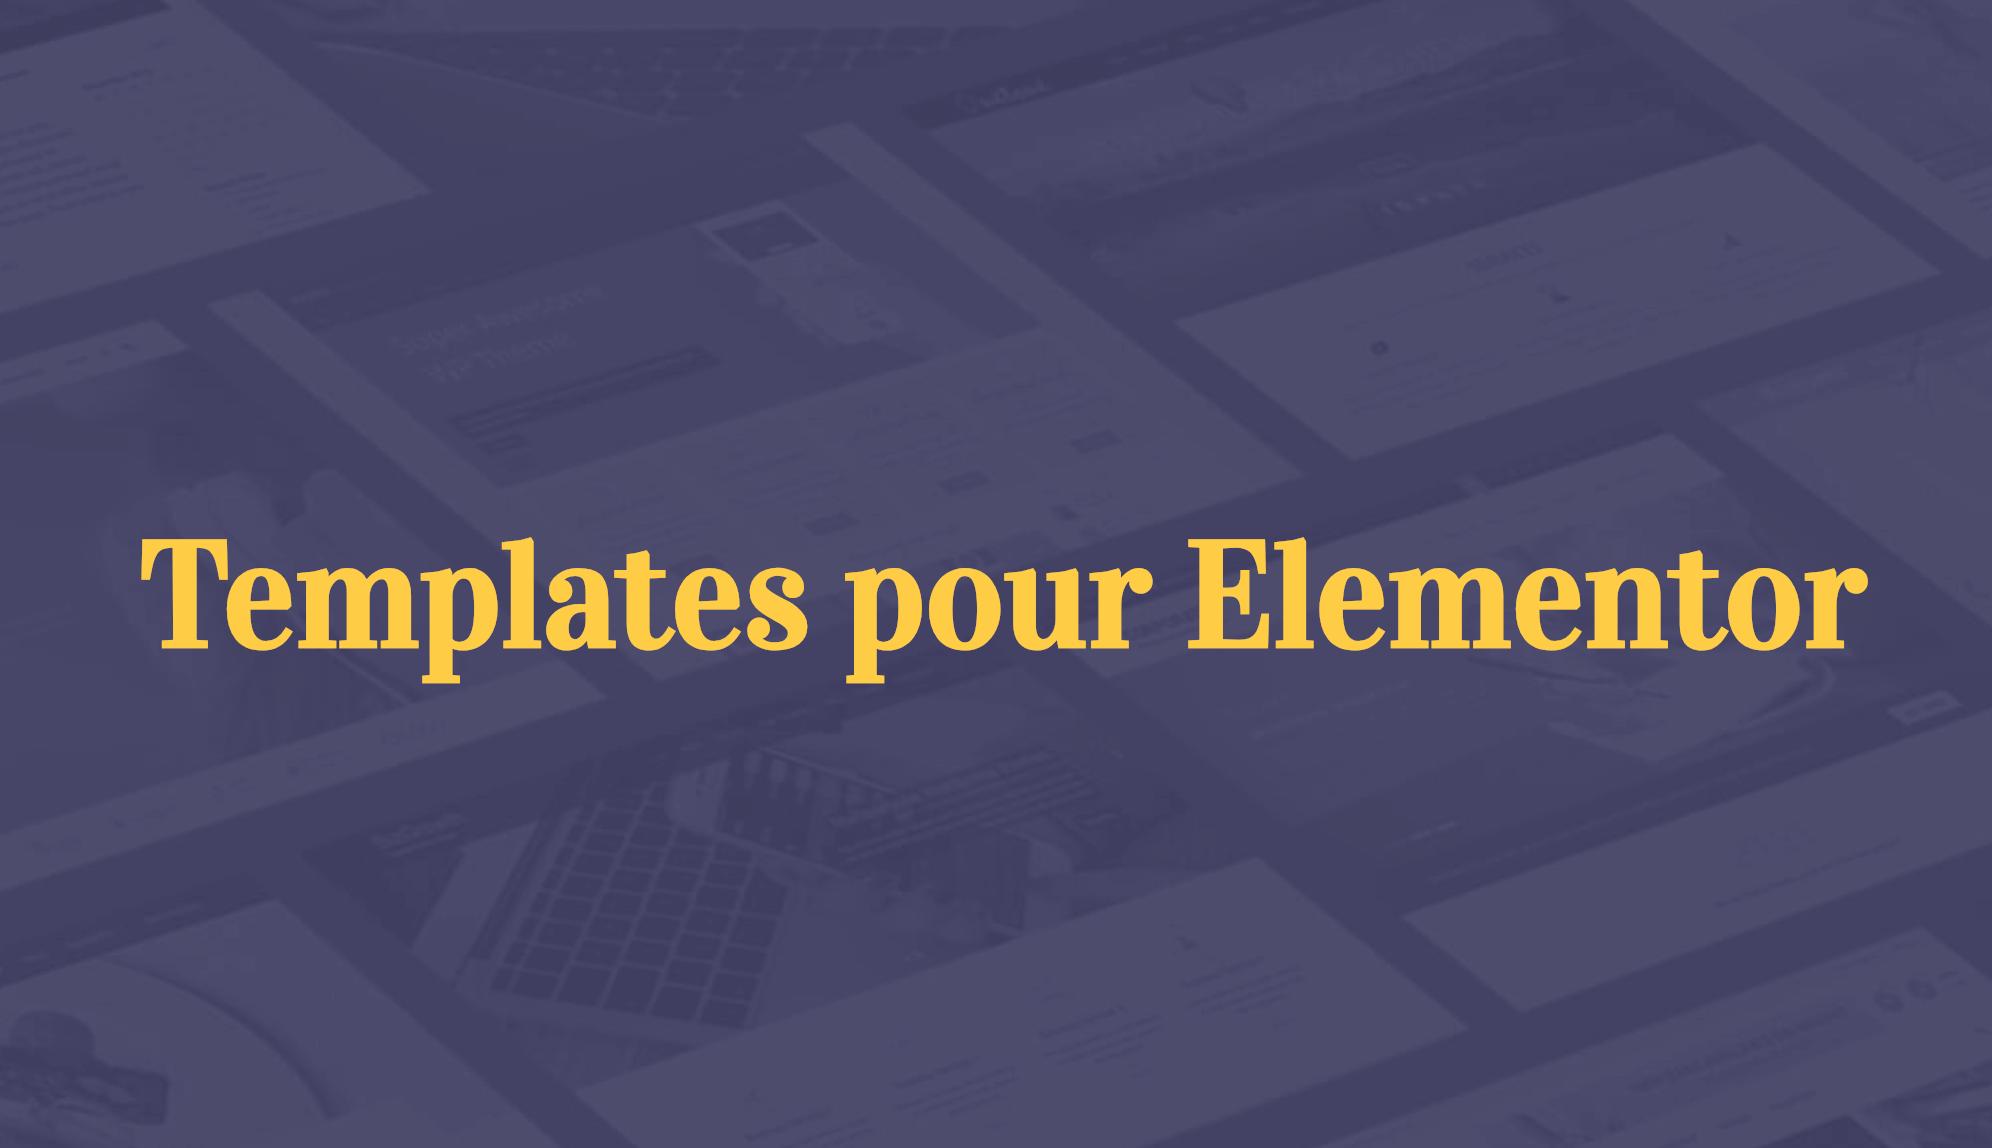 elementor-template